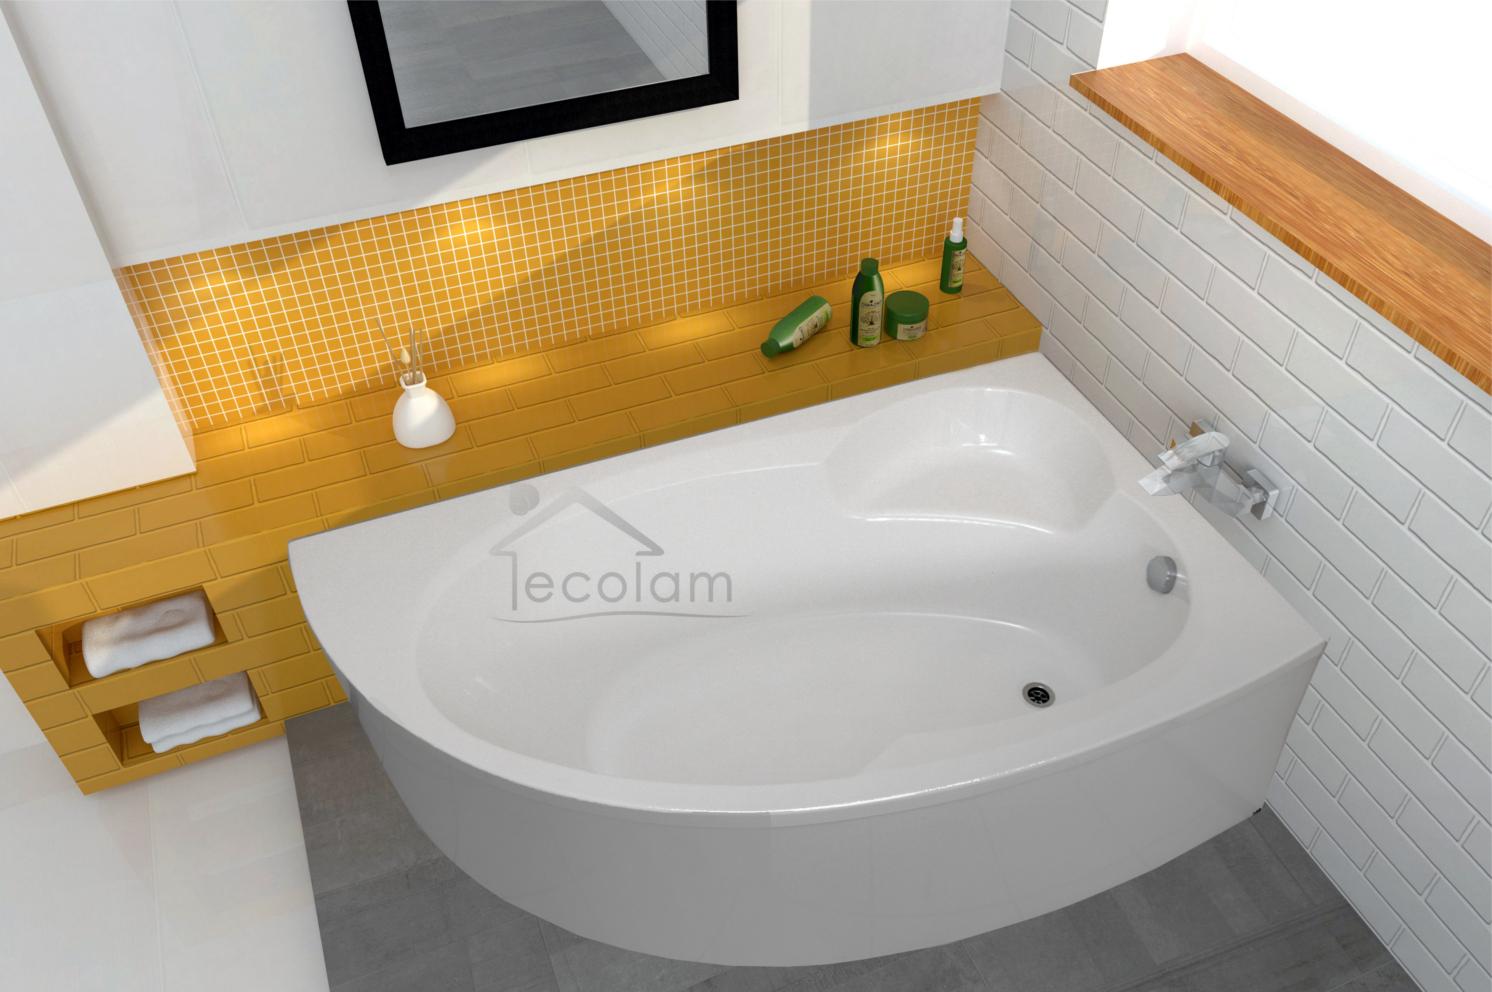 badewanne wanne eck eckbadewanne 170 x 100 ohne mit sch rze ablauf ecolam rechts ebay. Black Bedroom Furniture Sets. Home Design Ideas